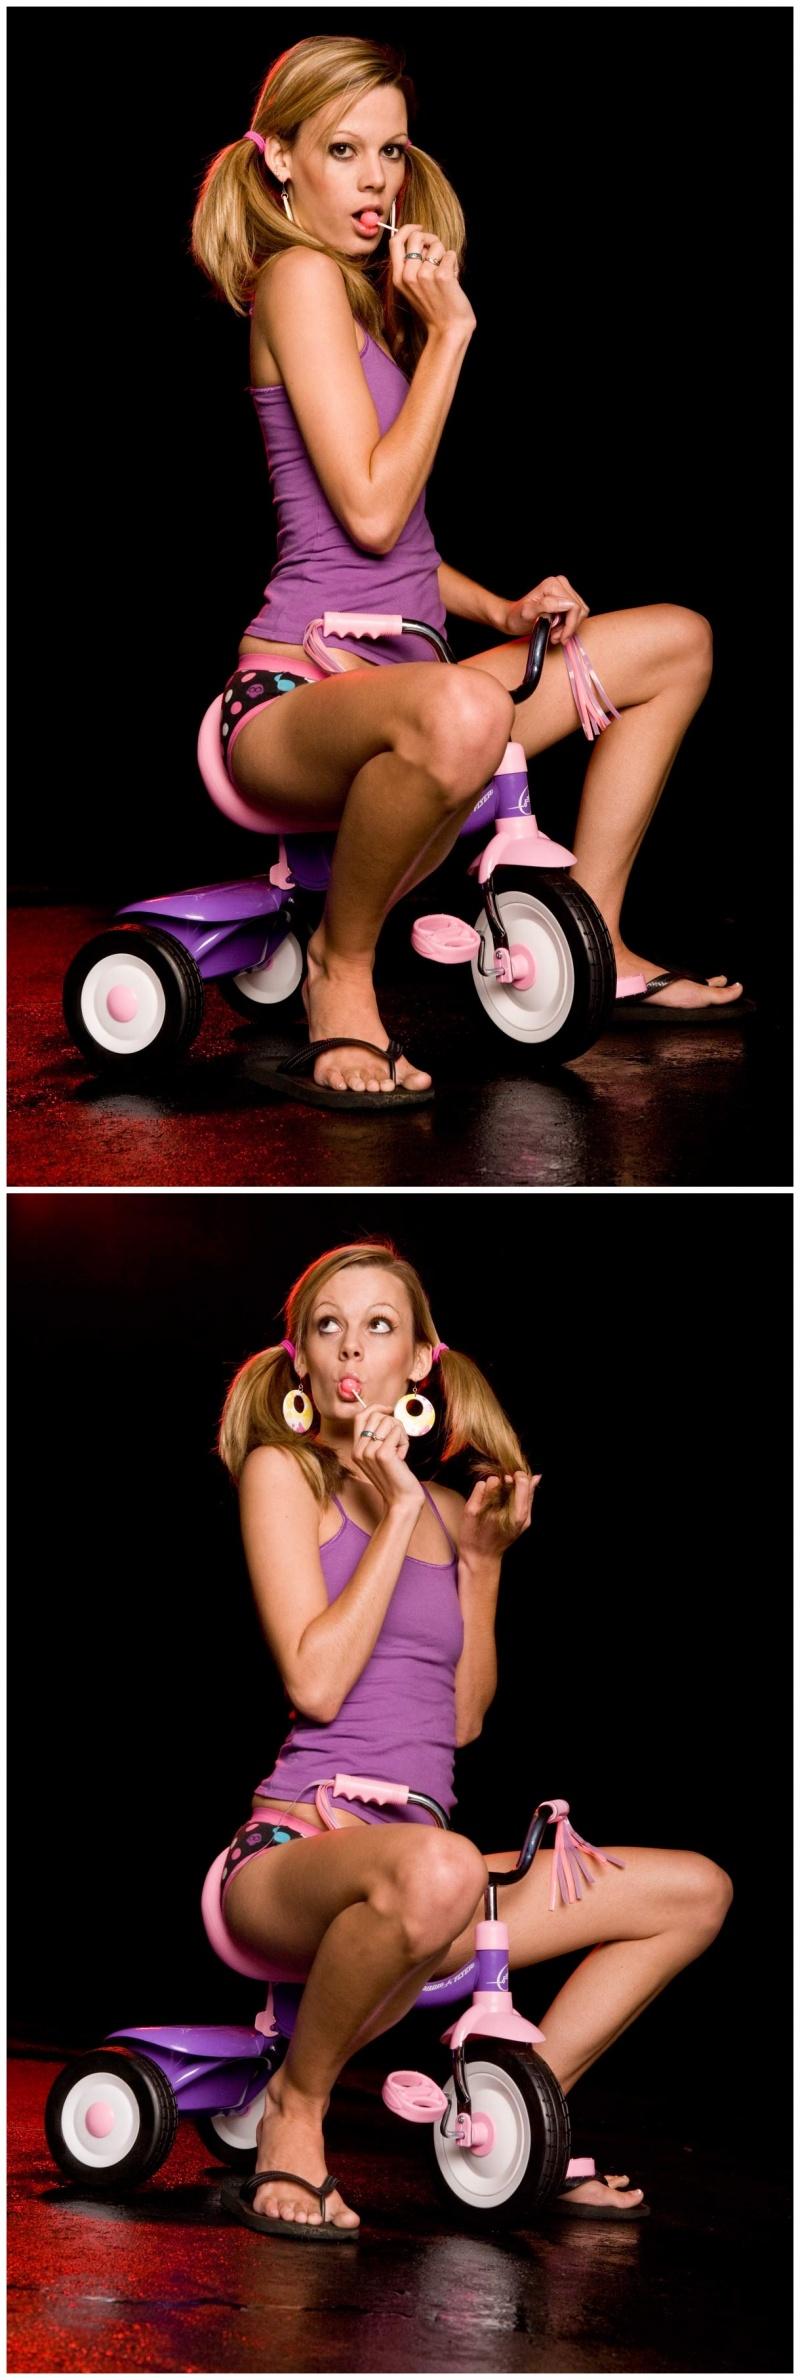 Сексуальная девушка сладко сосет 22 фотография